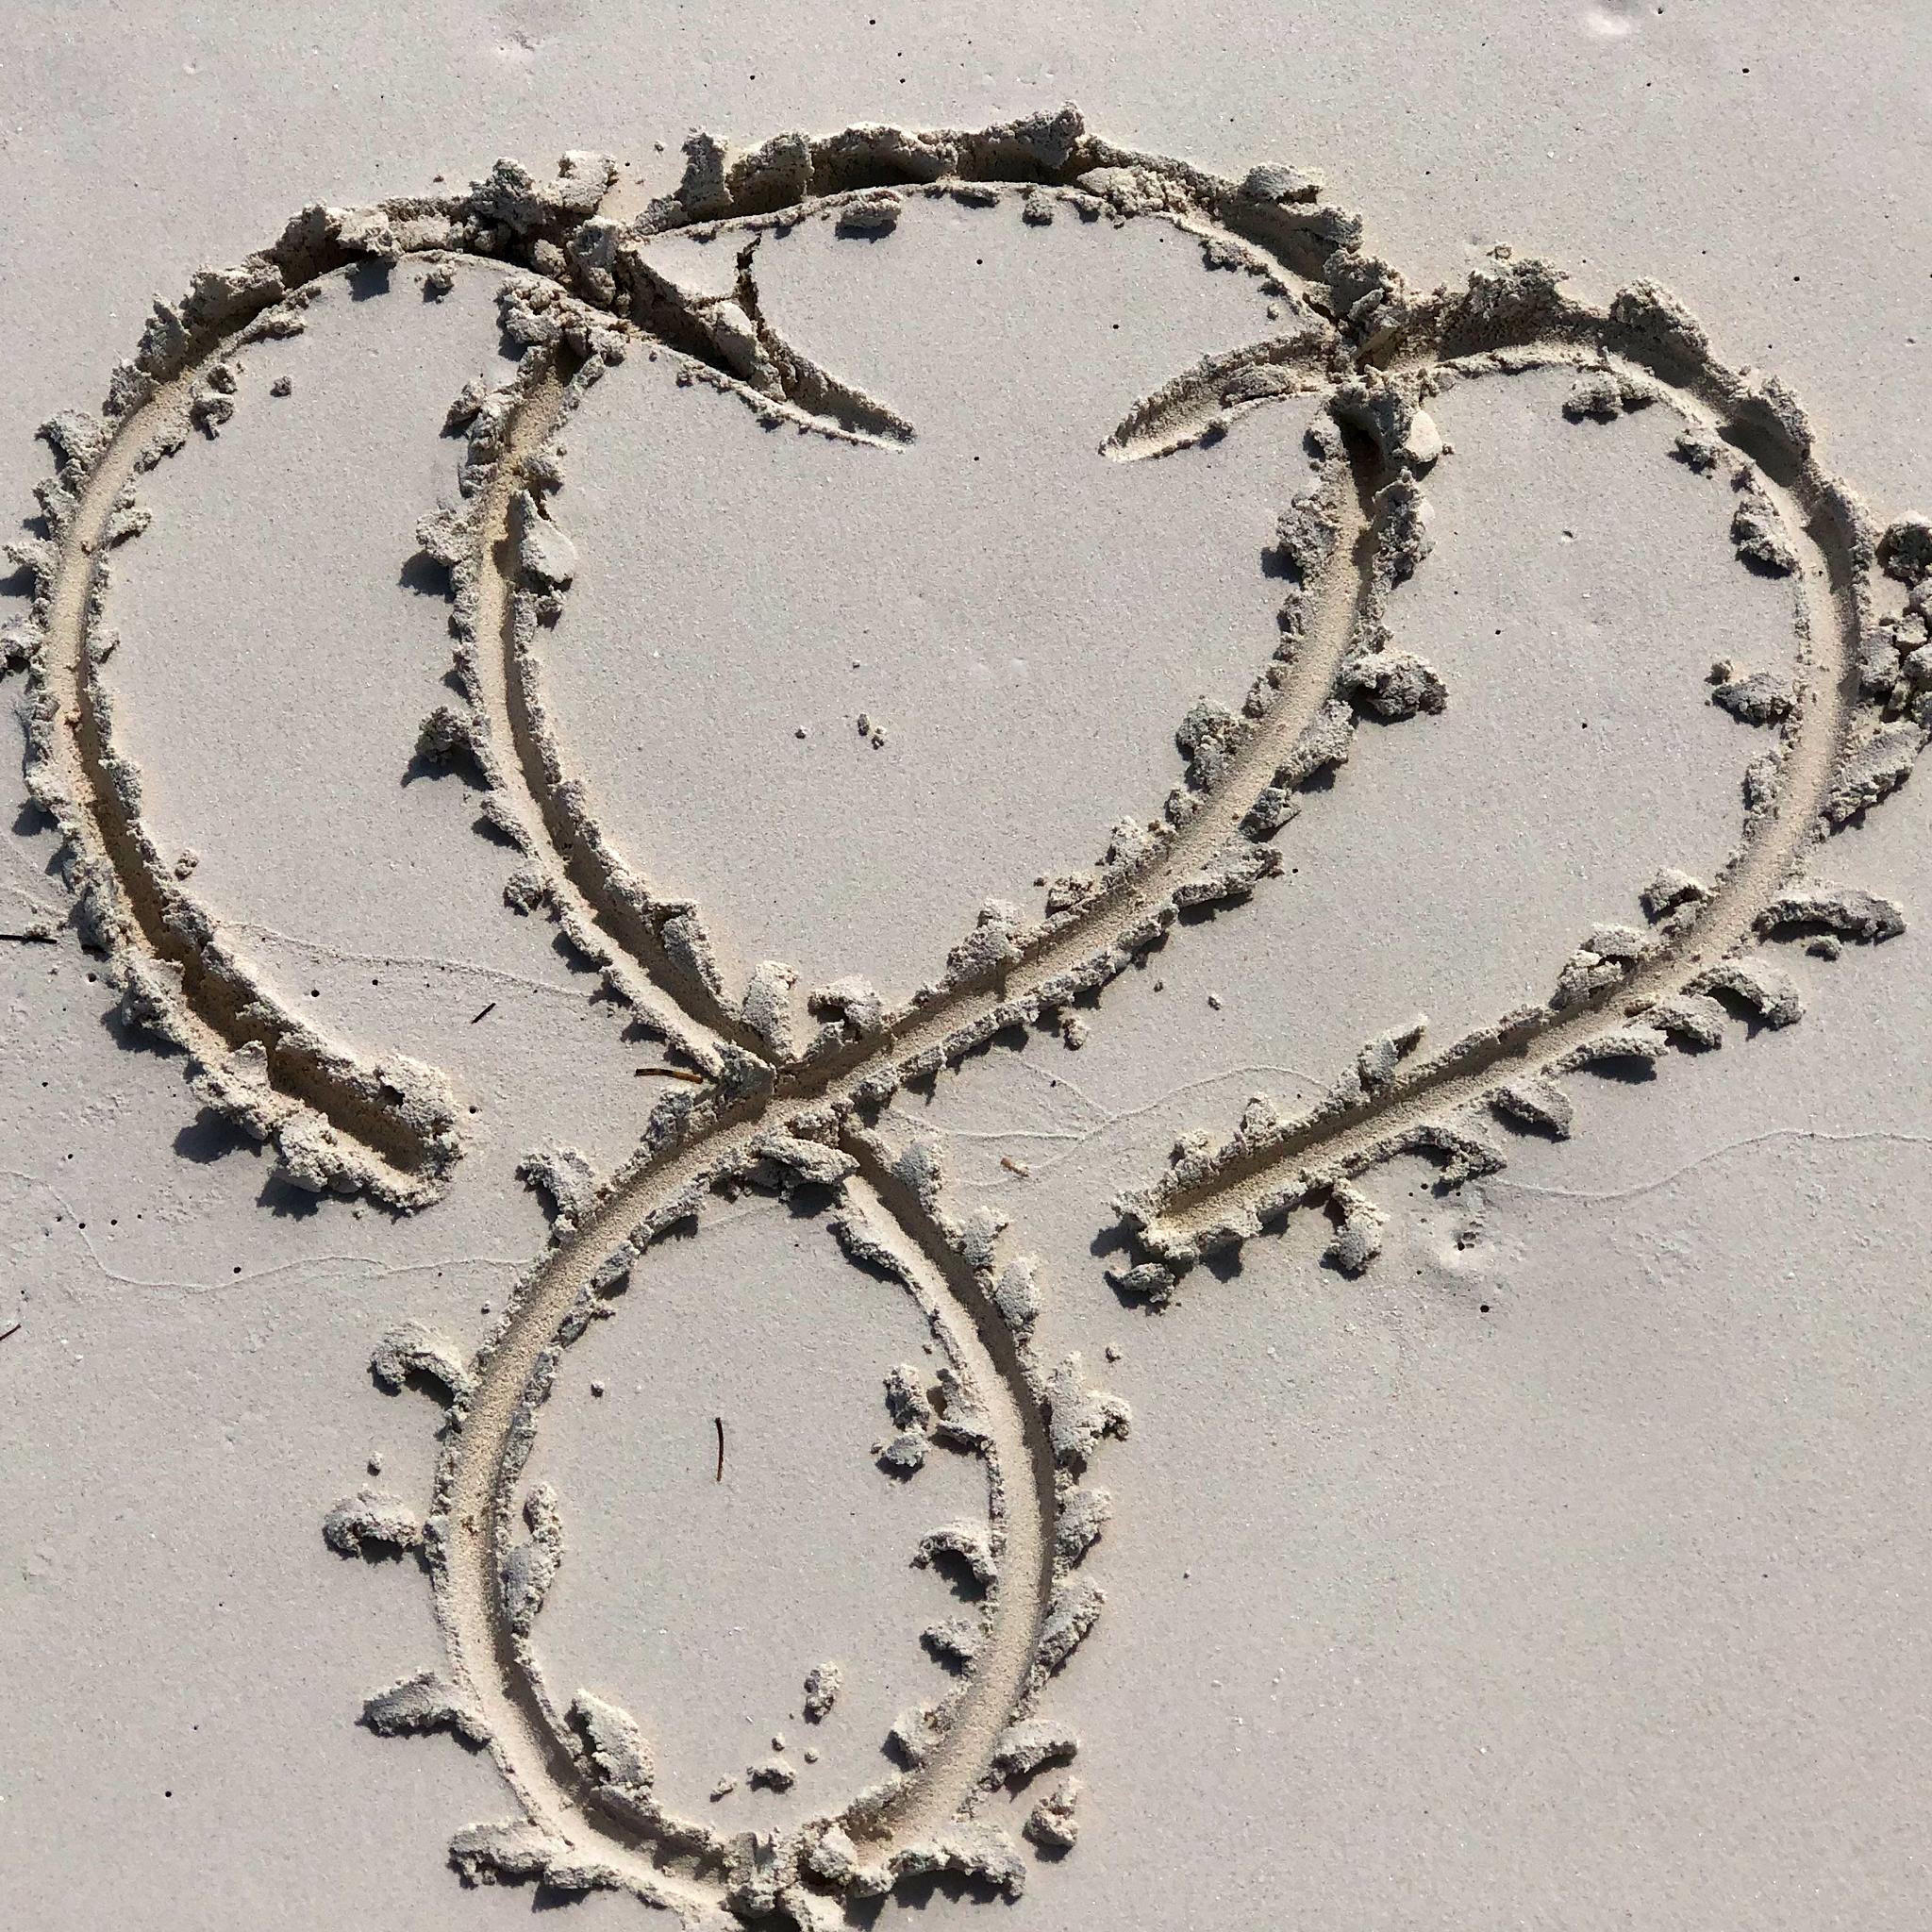 Infinite Love Logo of heart and infinity loop on sandy beach by Big Lovie